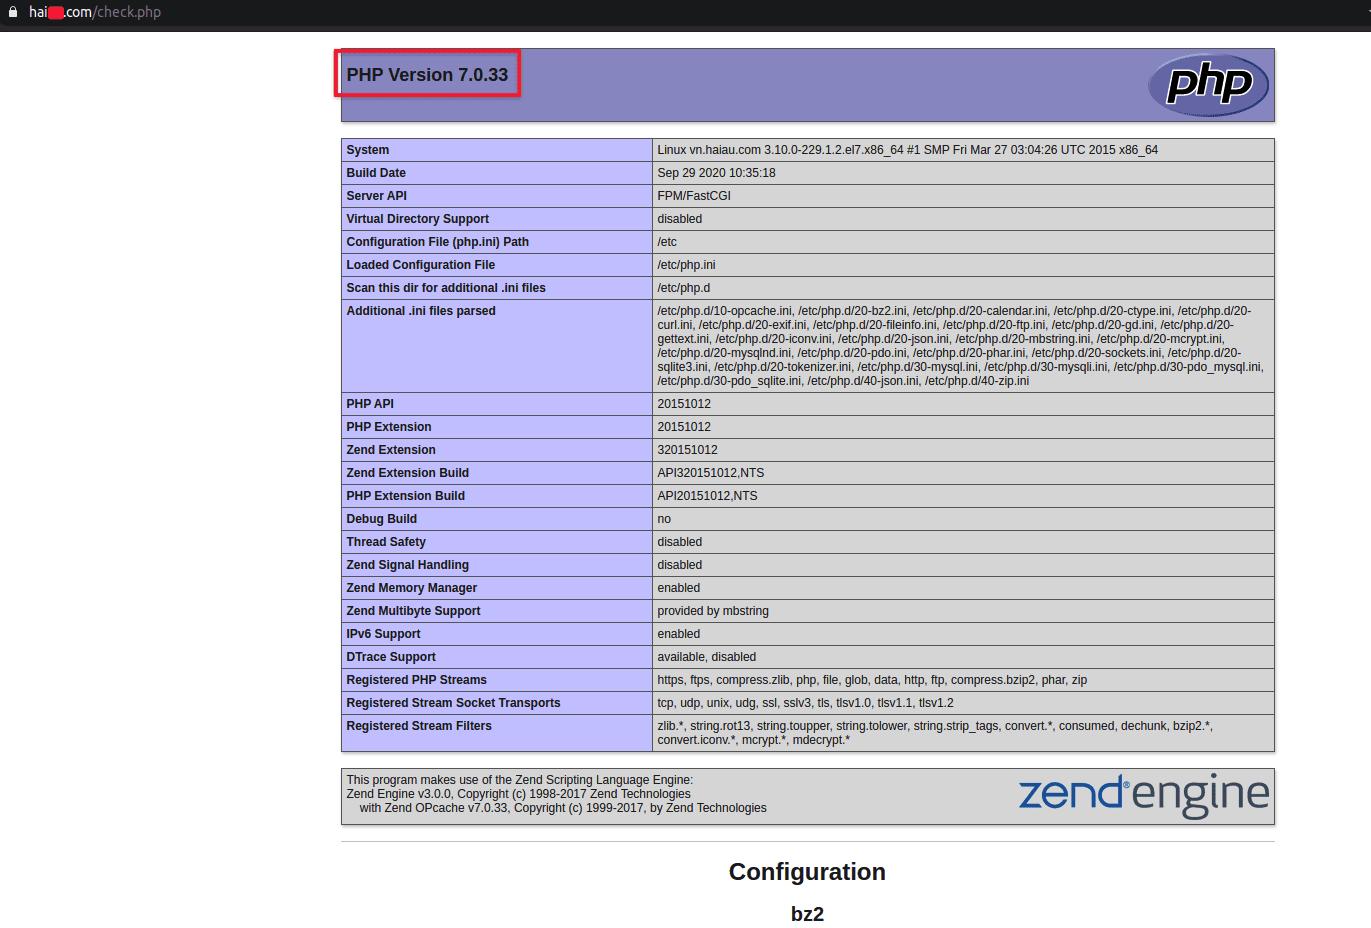 nâng cấp phiên bản PHP-FPM